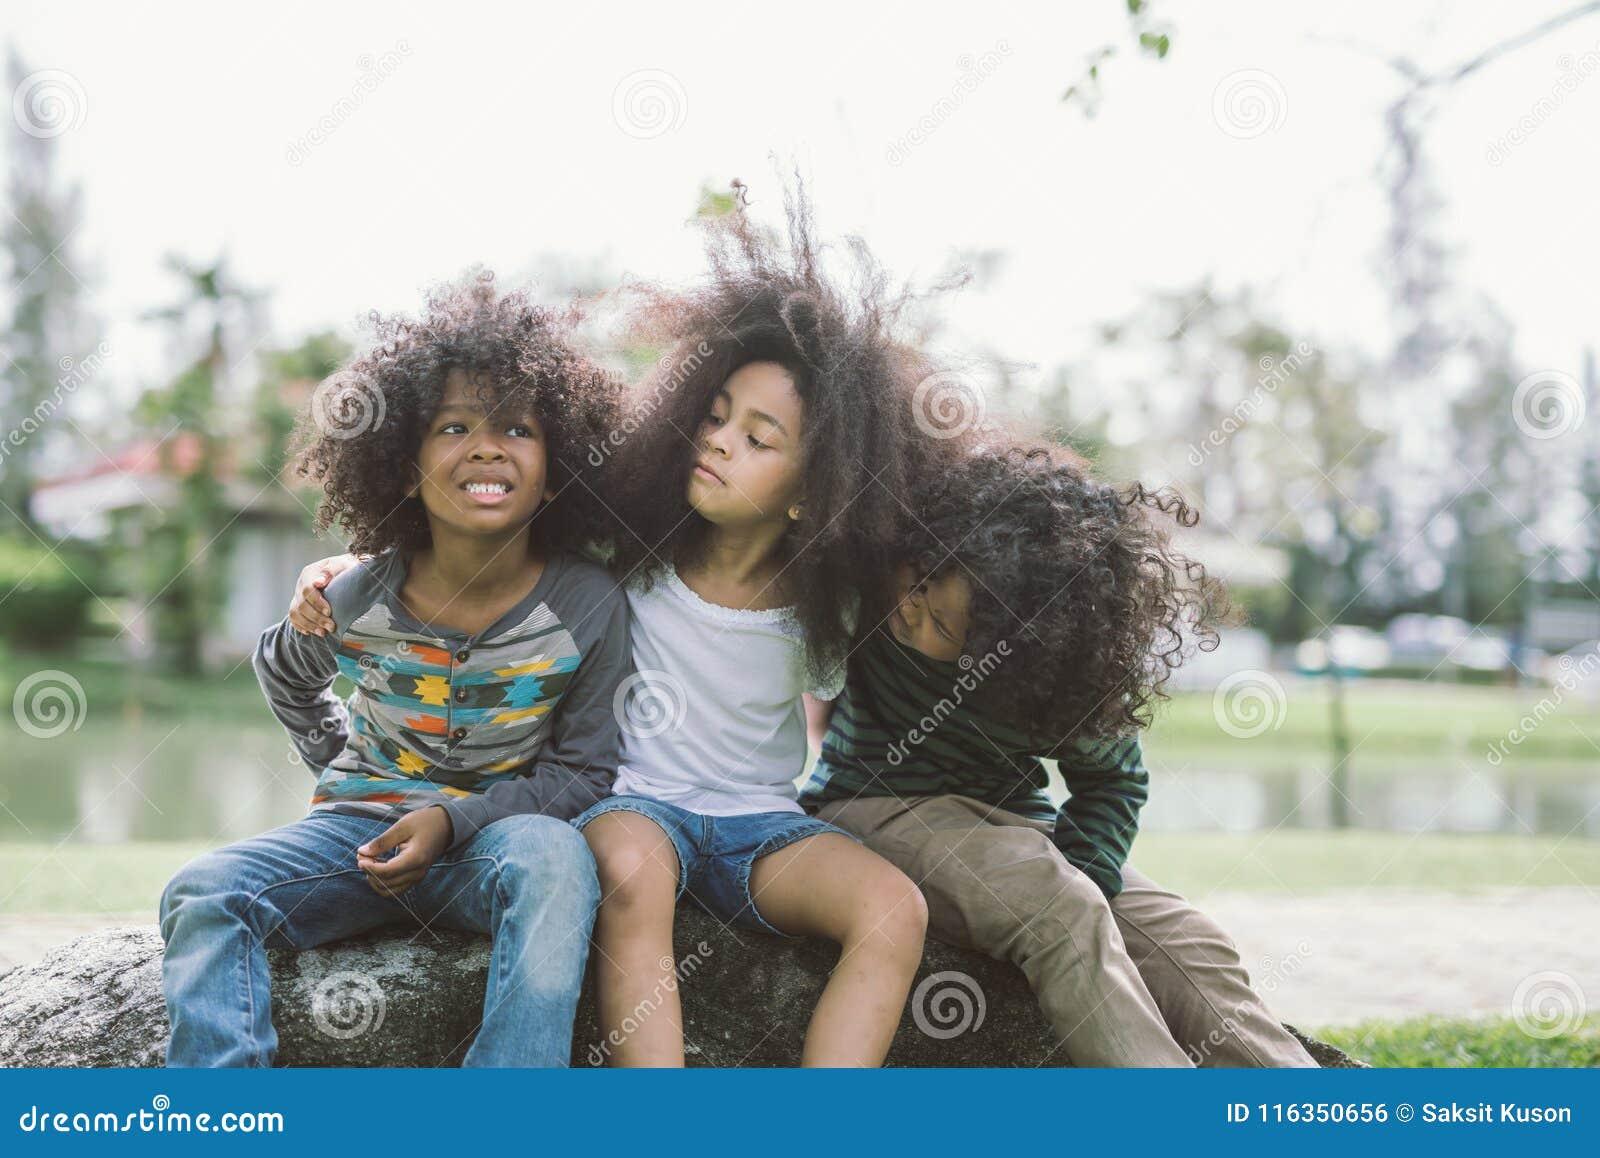 Children Friendship